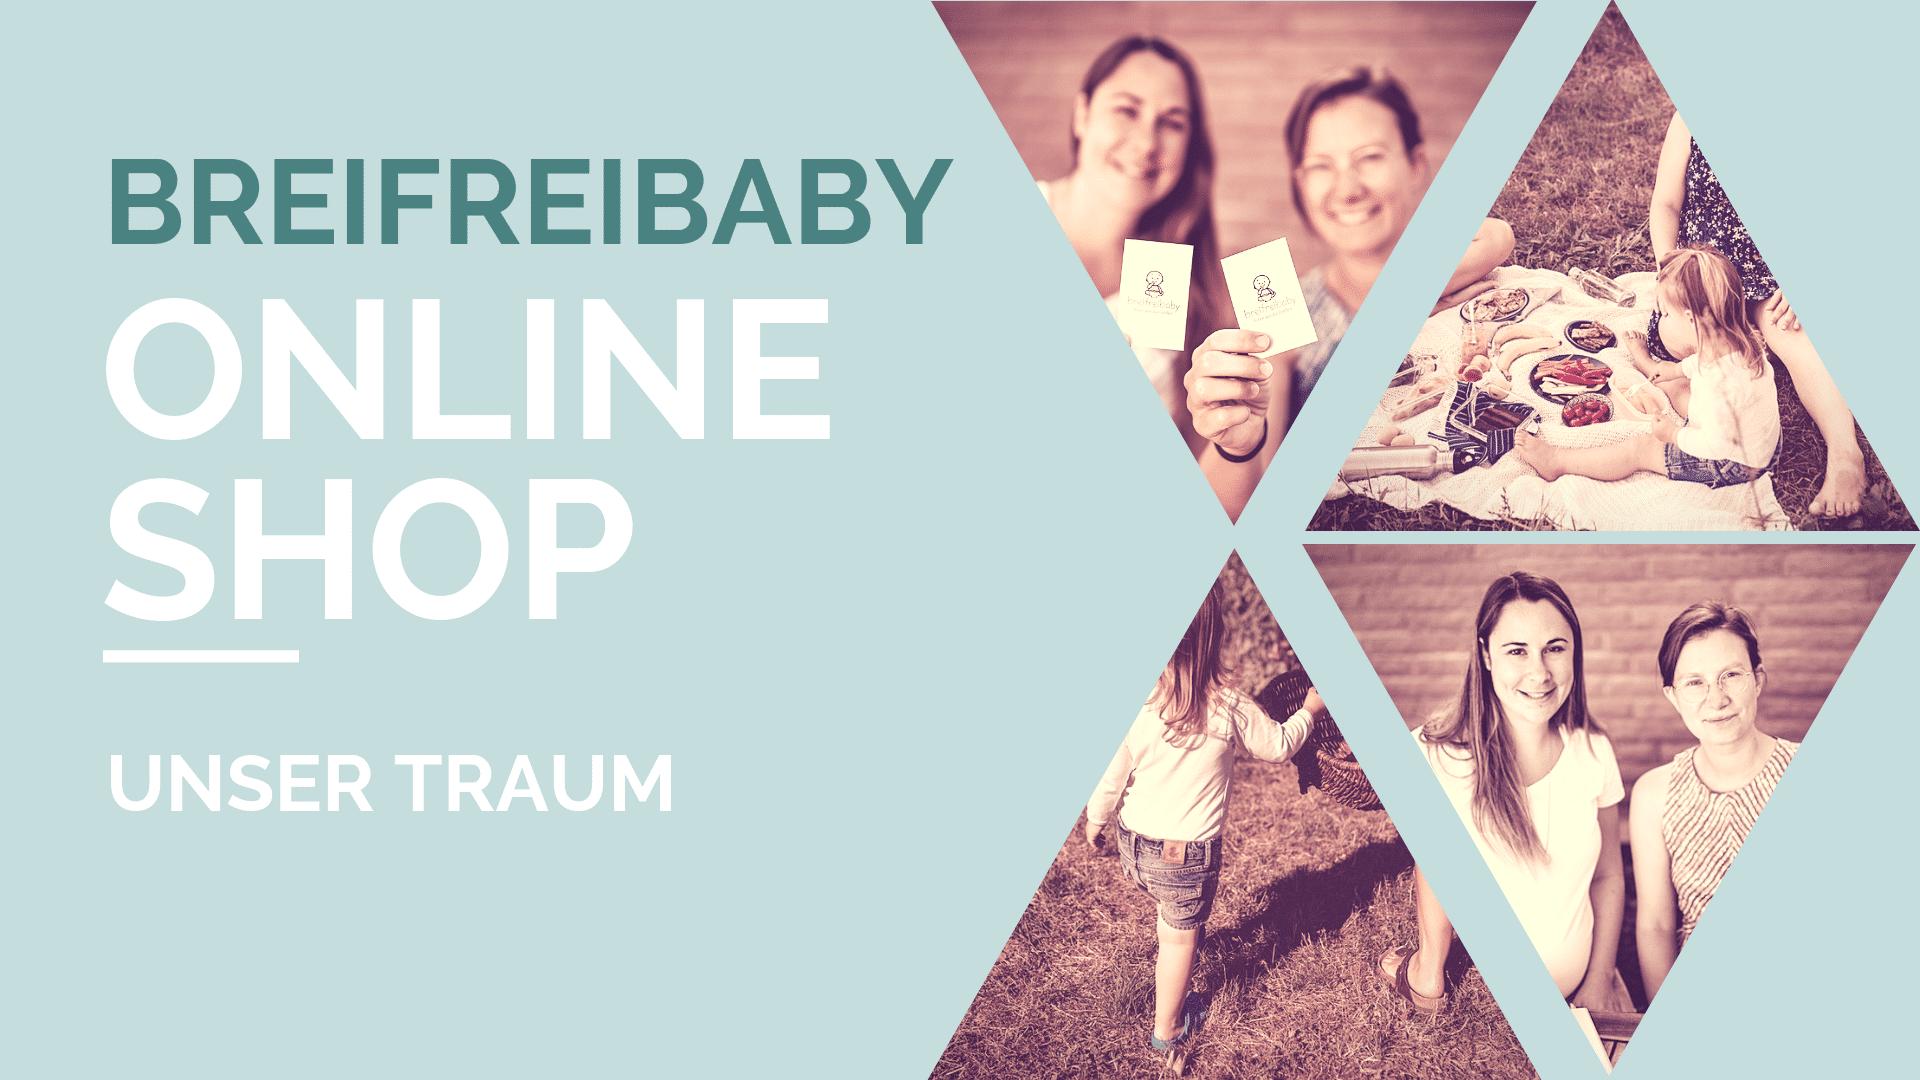 Breifreibaby Onlineshop mit Visual Vest